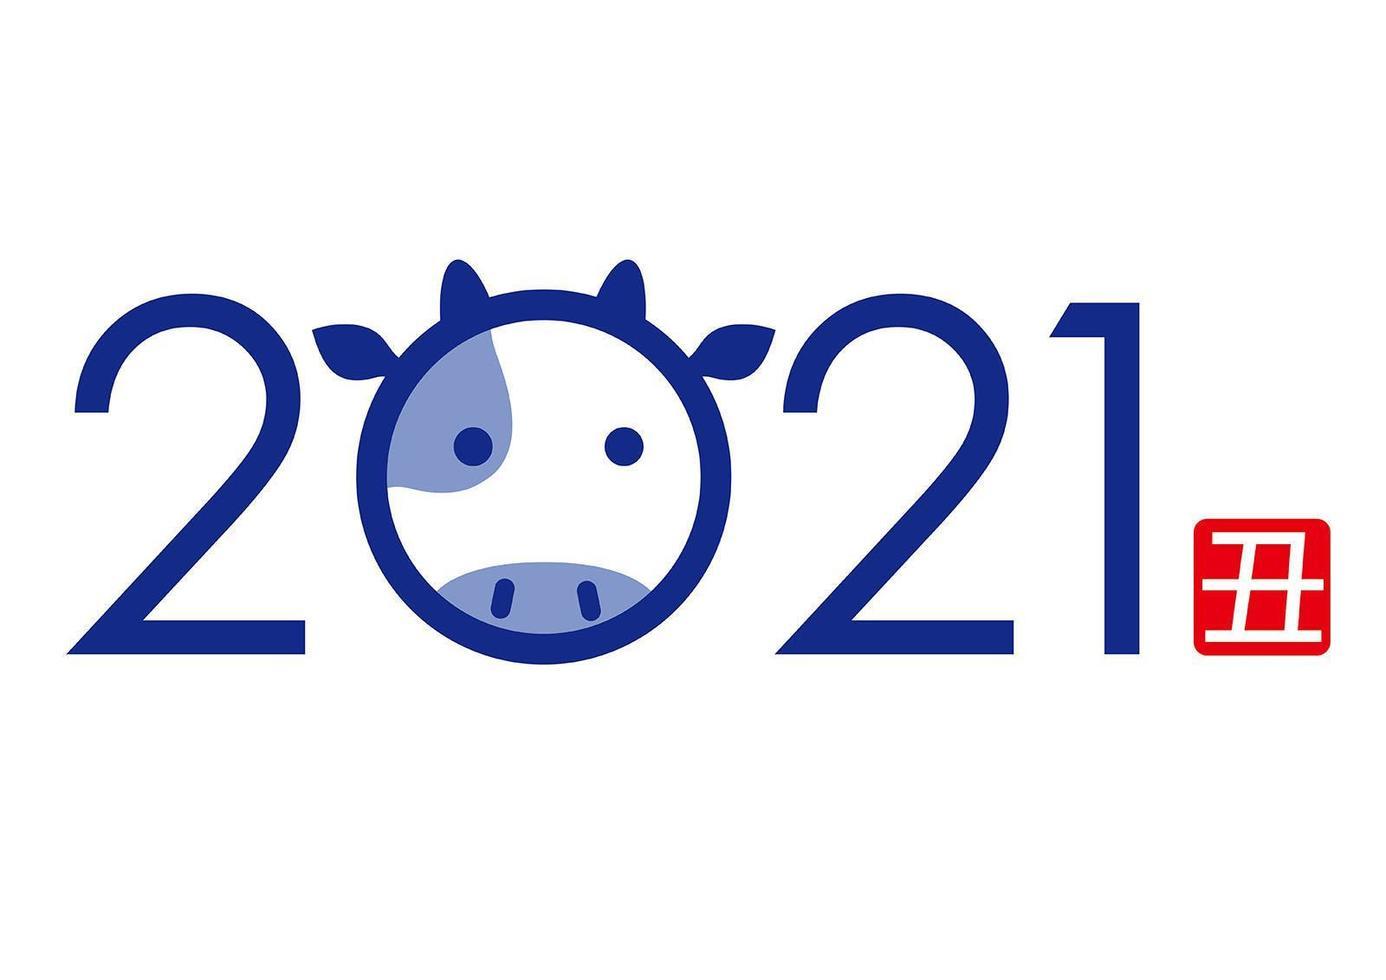 design del nuovo anno 2021 con calligrafia kanji vettore